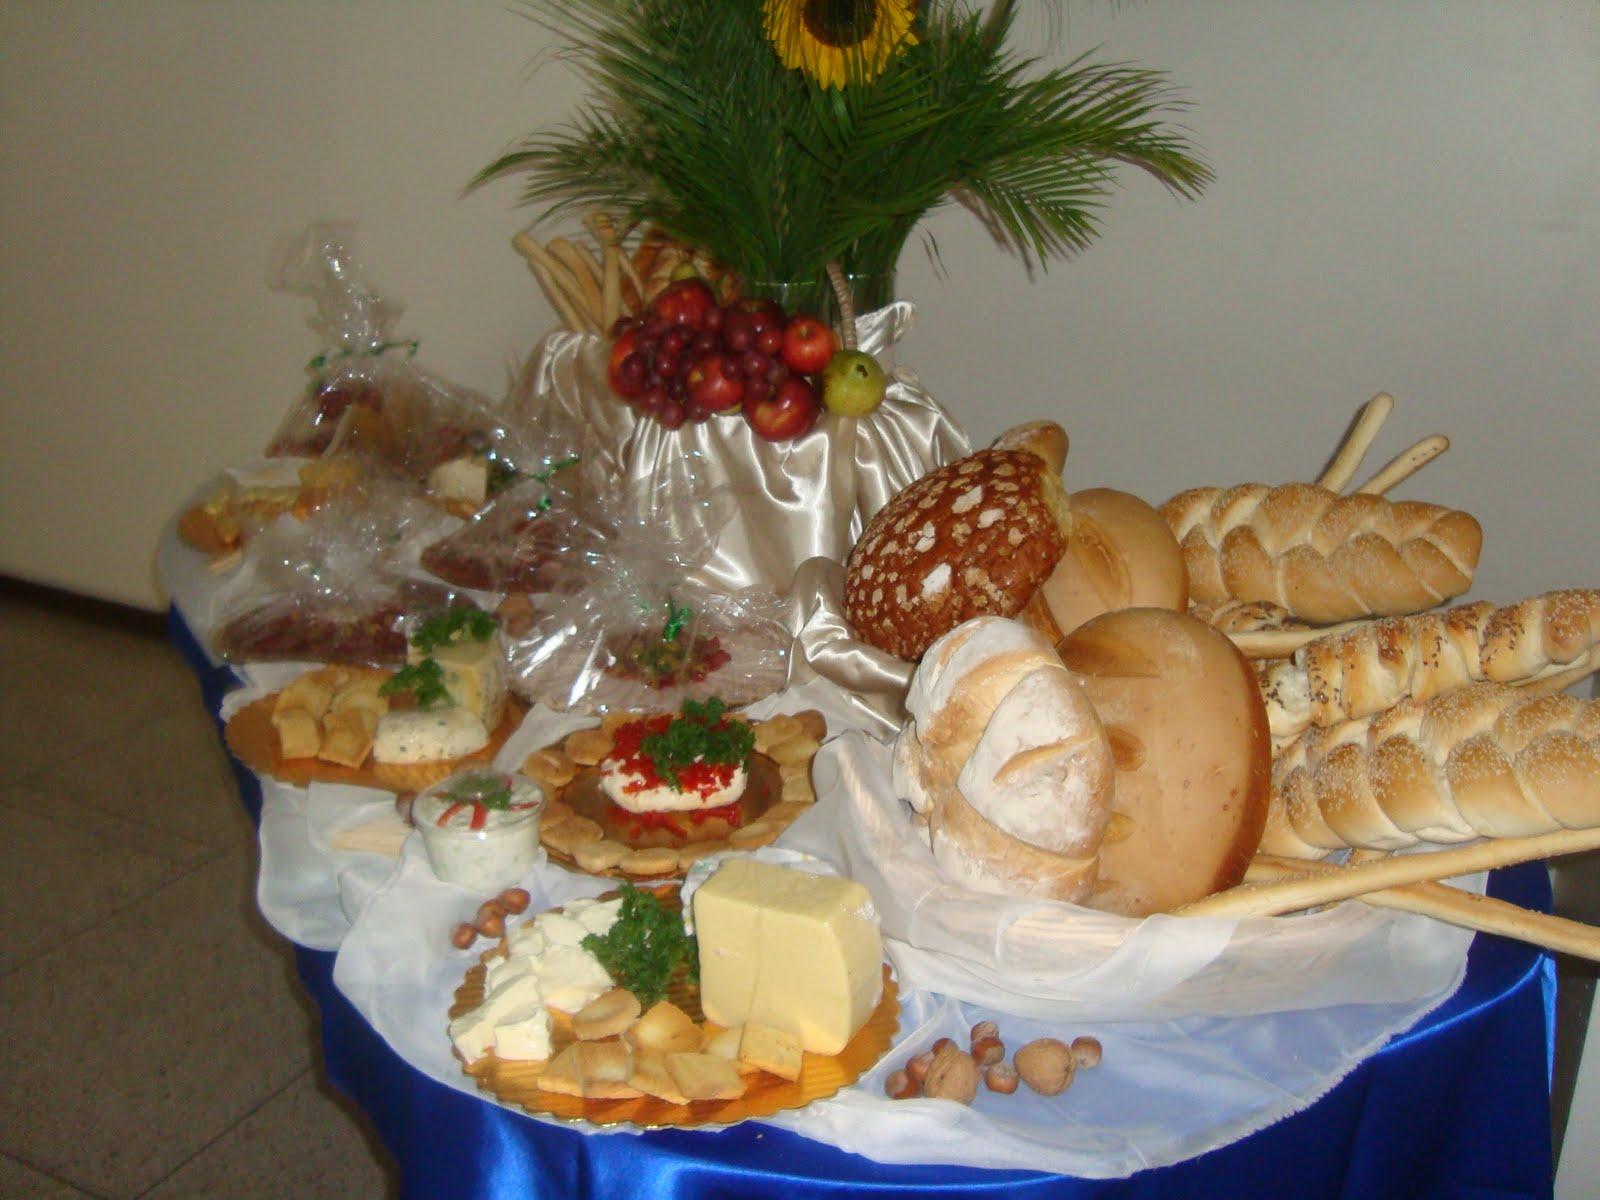 Todo para fiestas decoraciones y manualidades mesas de for Decoracion mesas fiestas